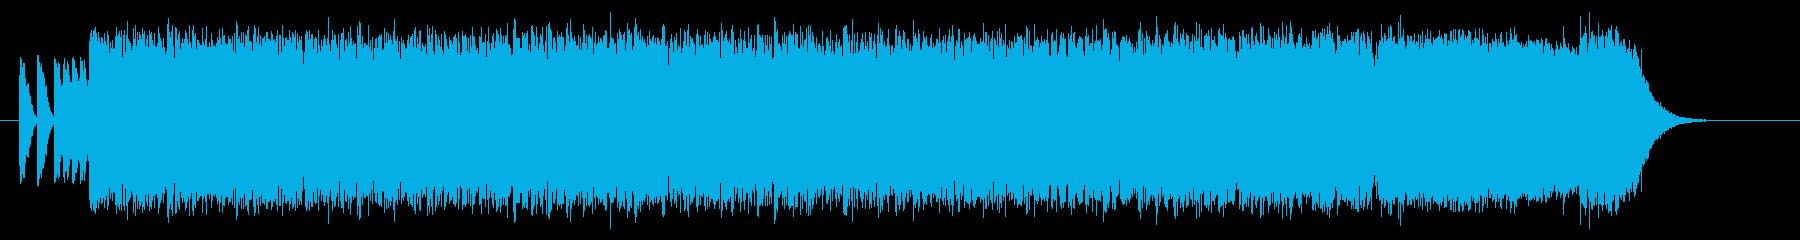 激しく勢いのドラムギターロックサウンドの再生済みの波形